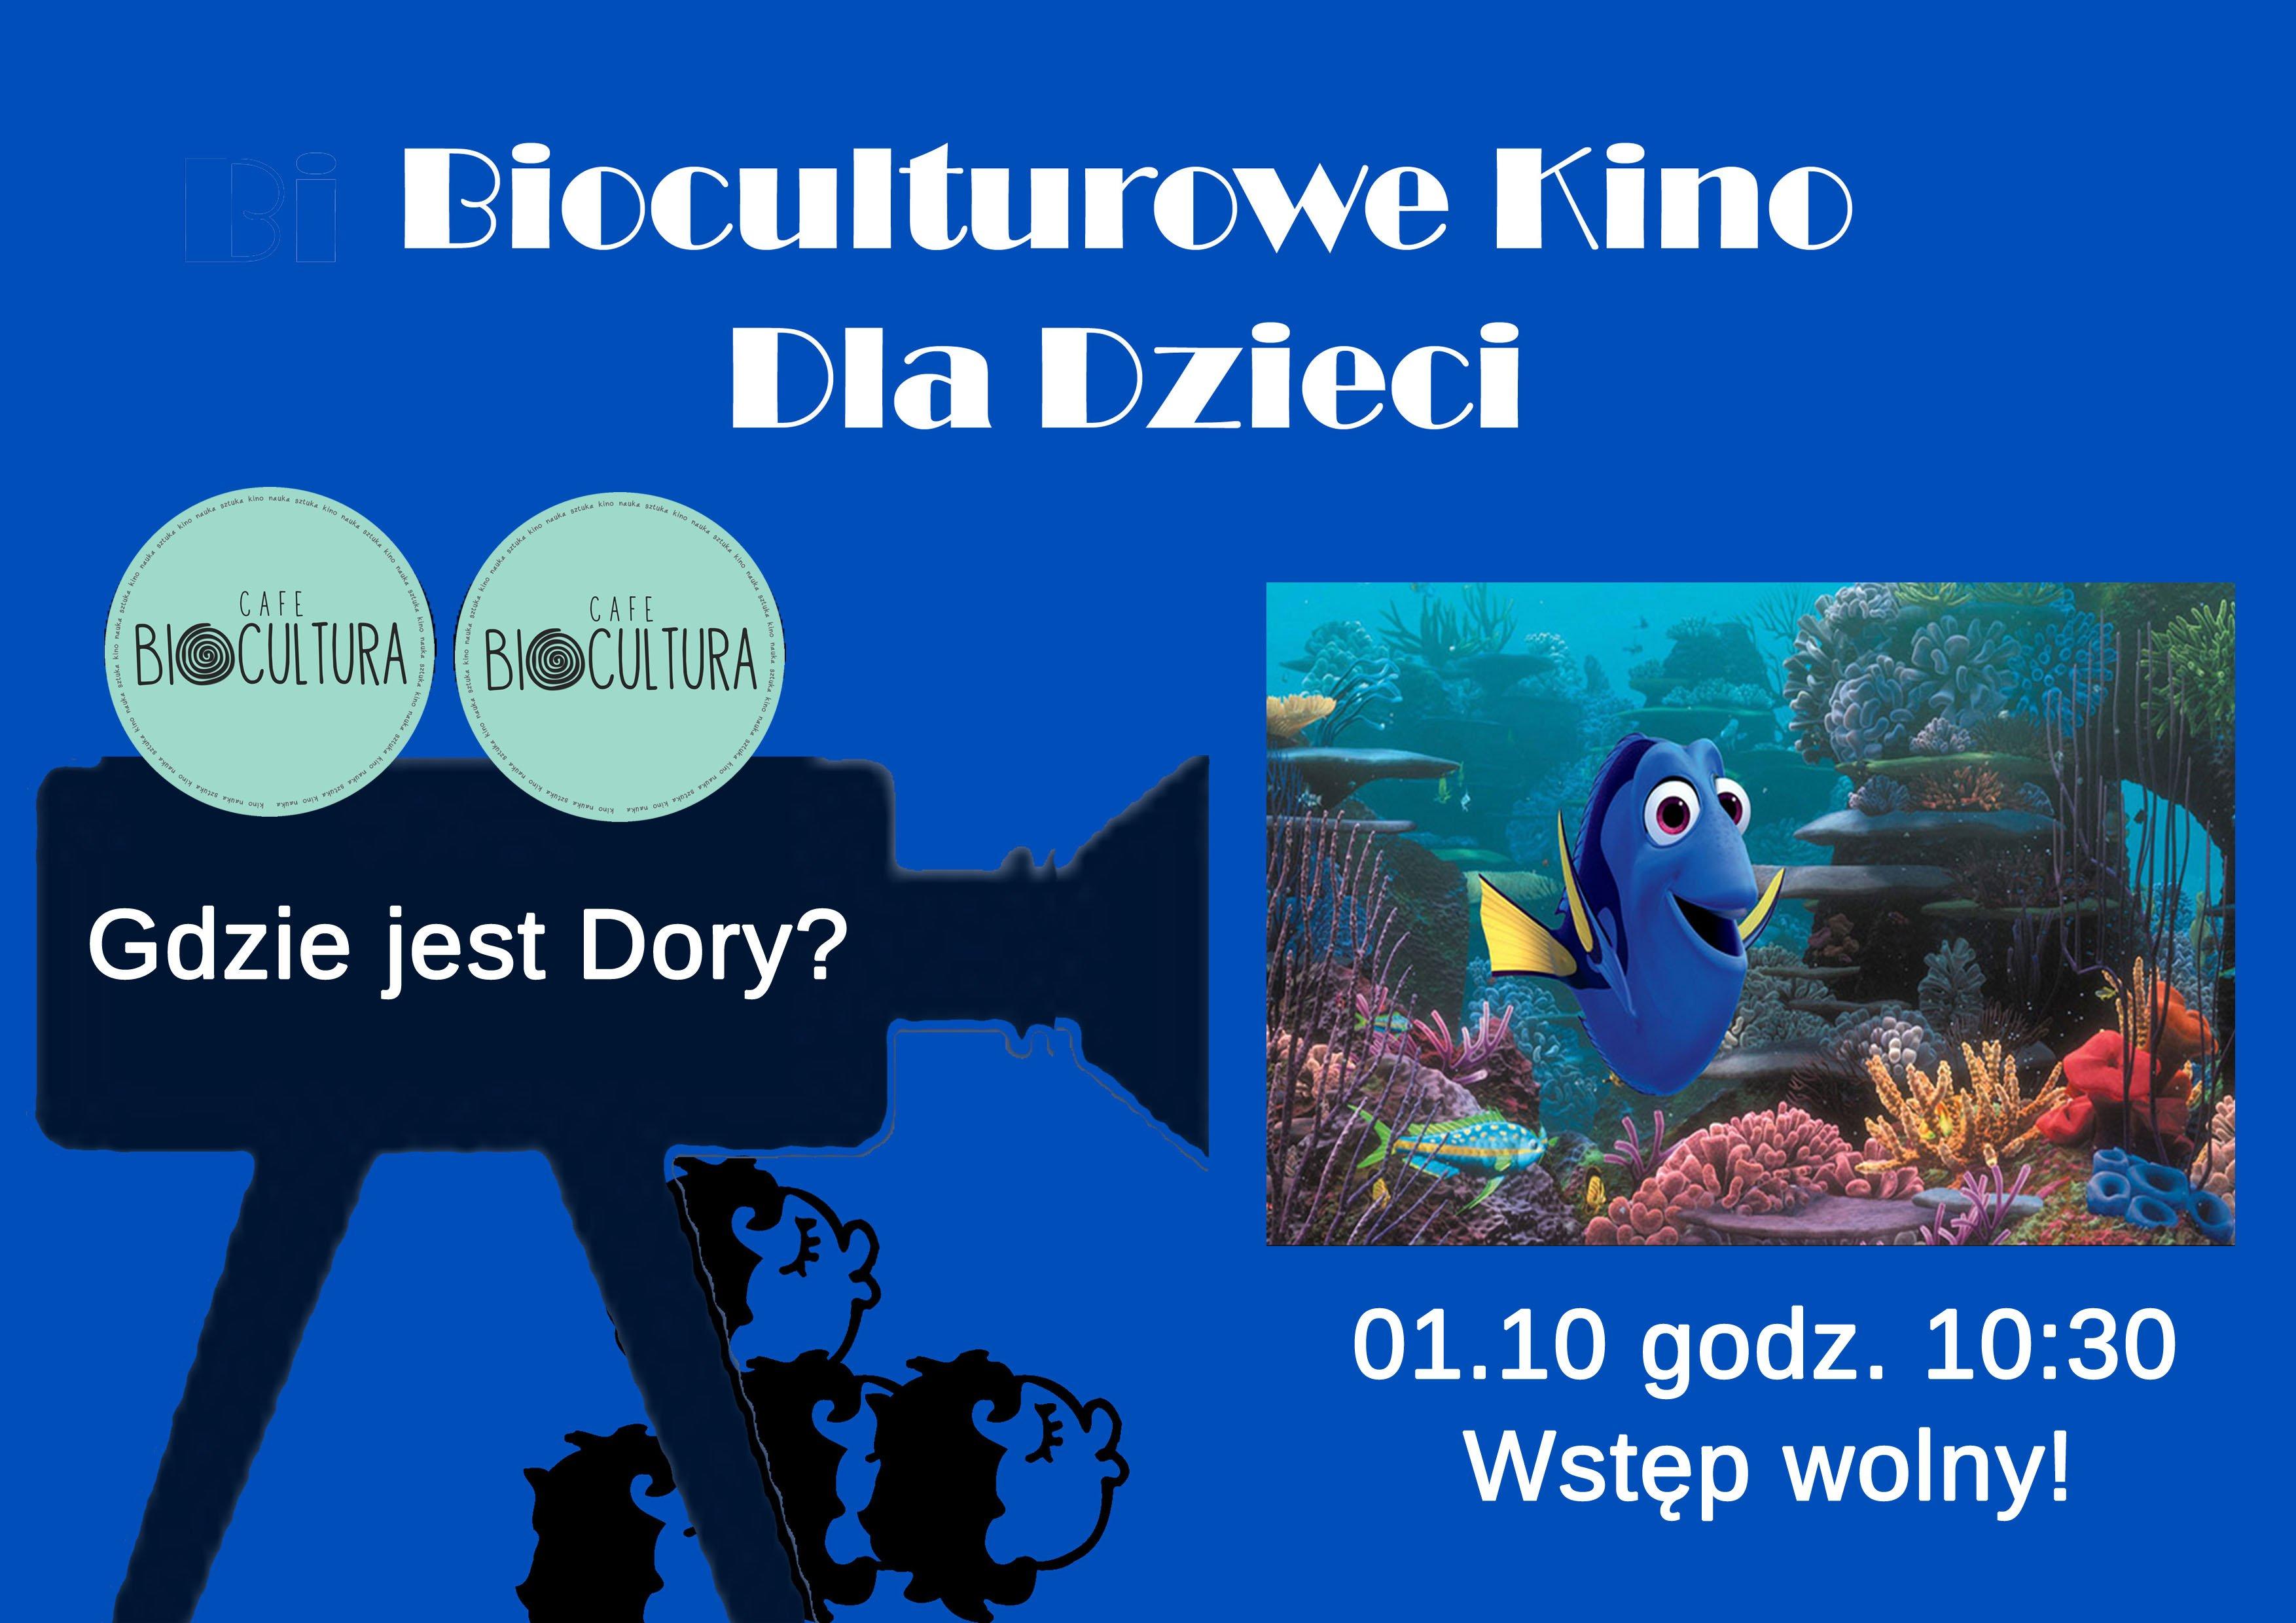 Bioculturowe Kino dla Dzieci – Gdzie jest Dory?